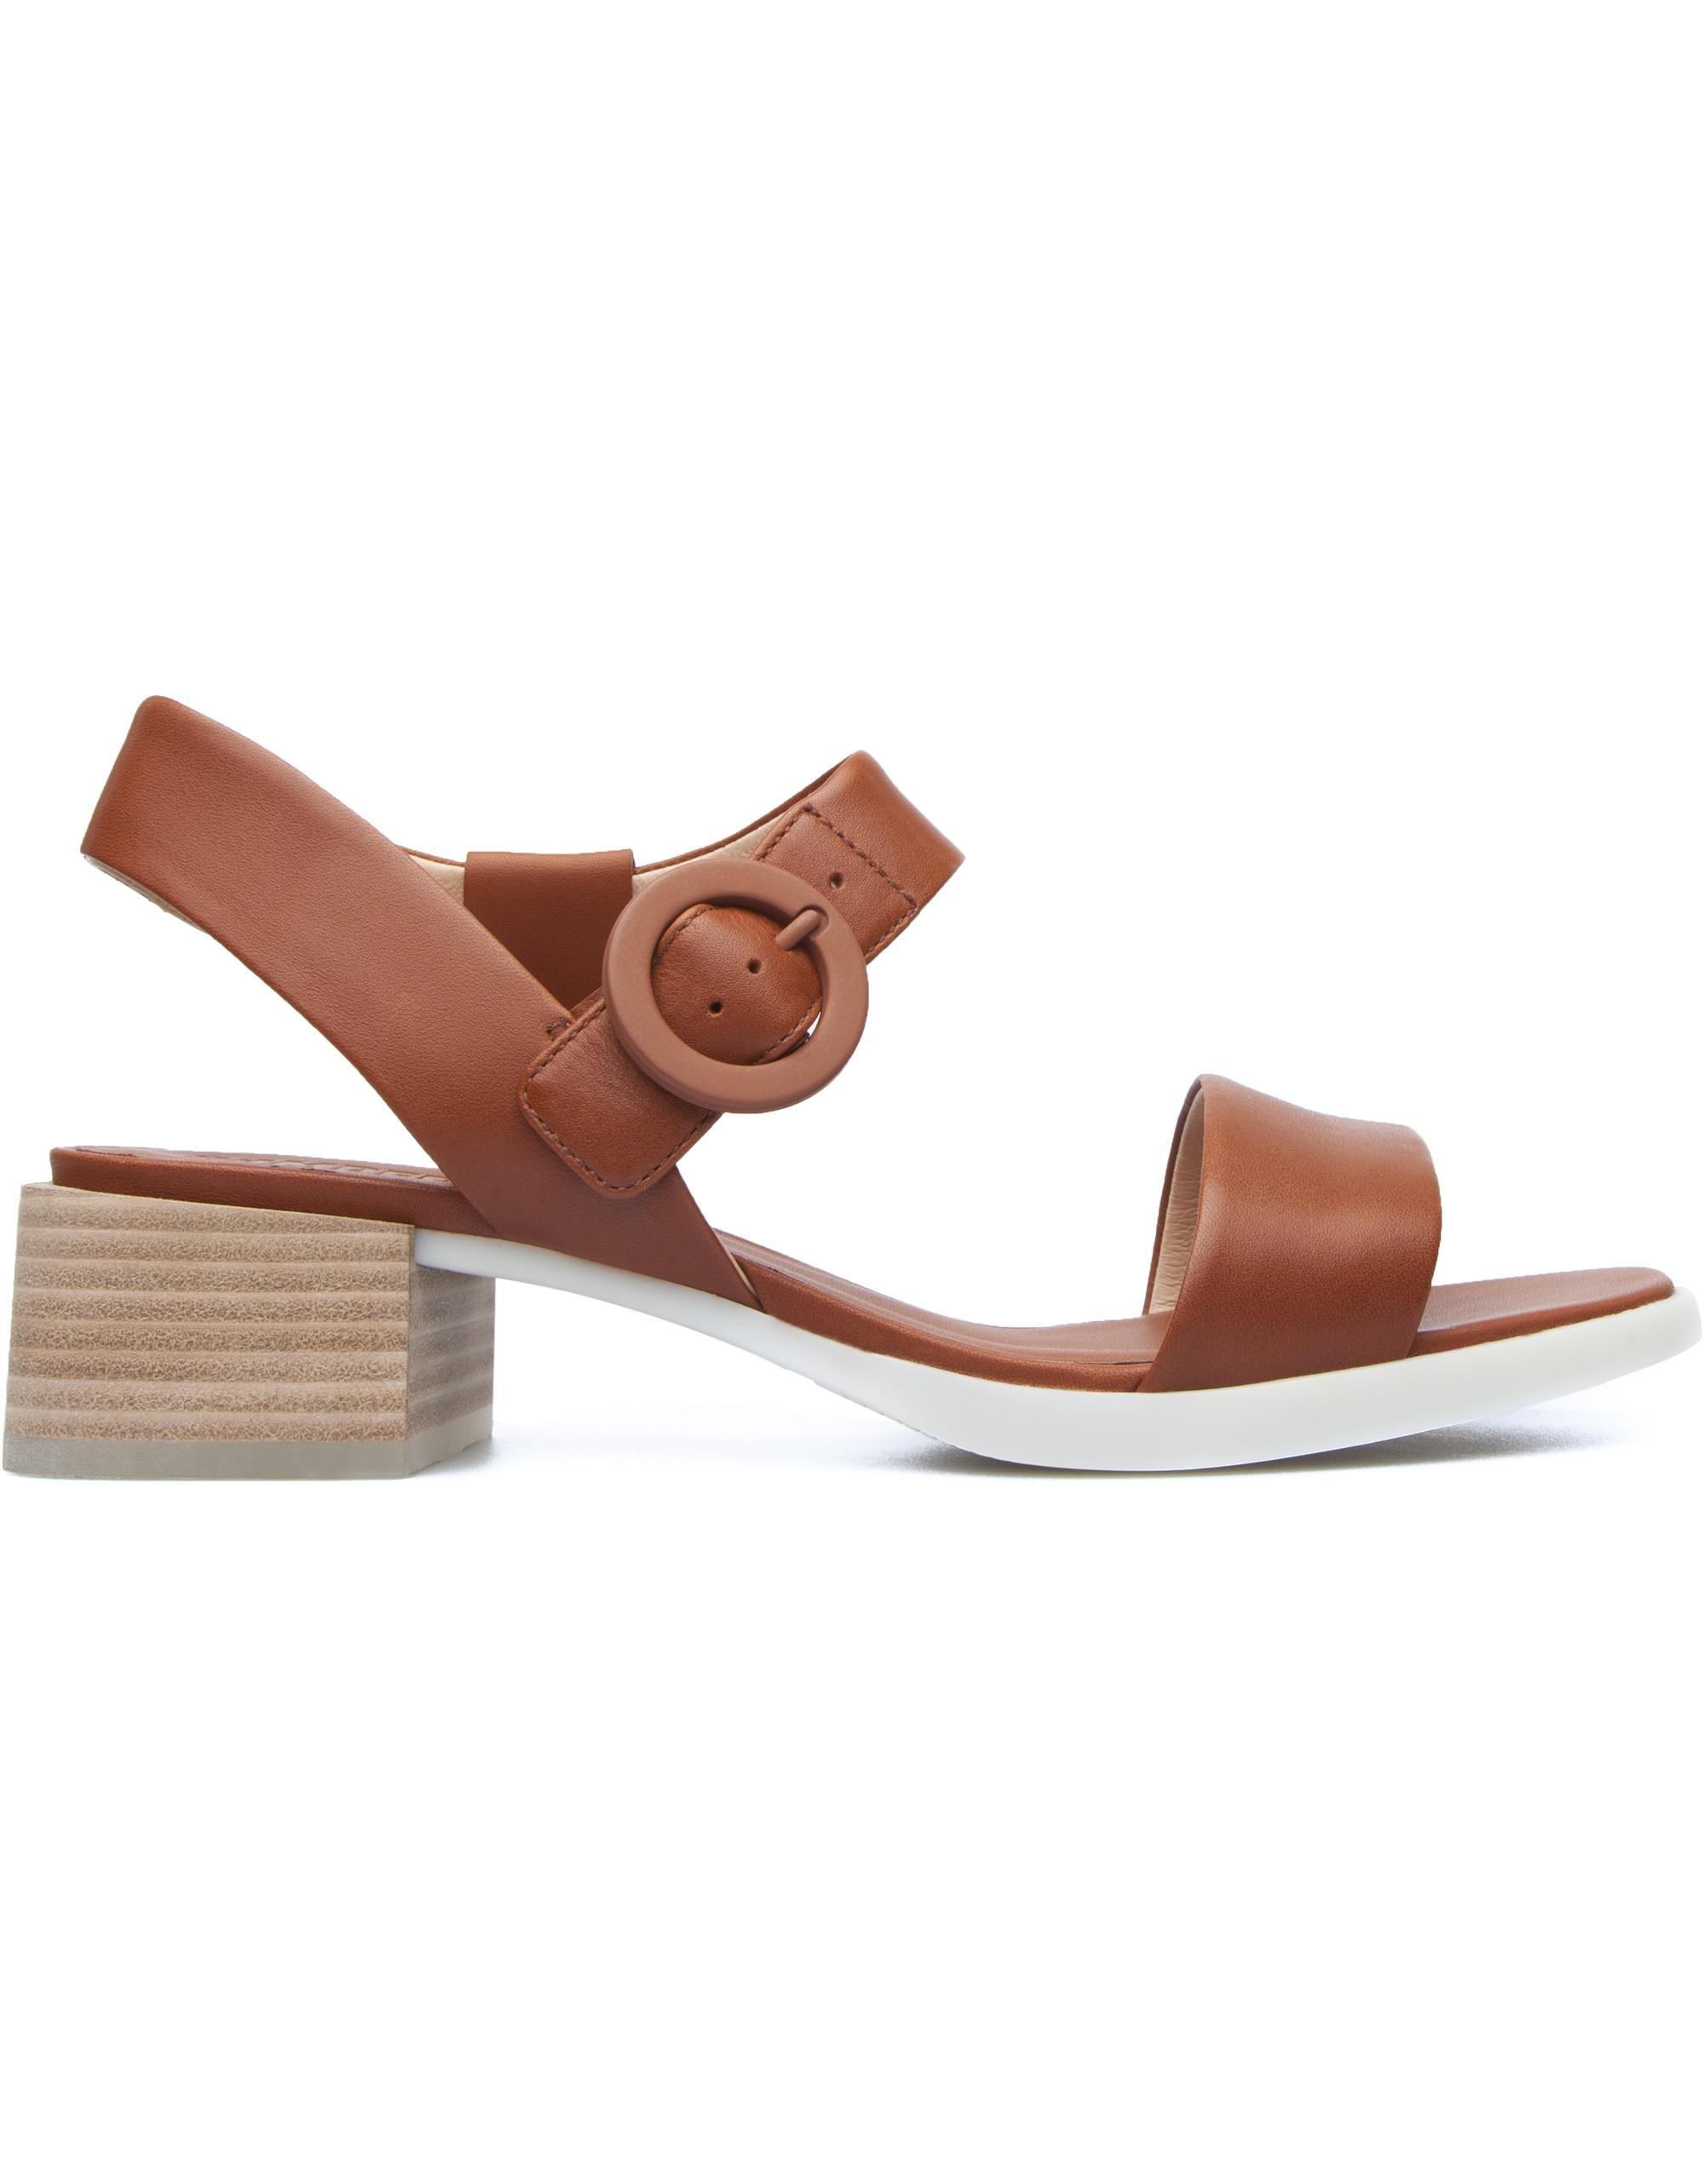 76ff6a10336 Camper Kobo K200342-002 Sandals Women | Camper Shoes Online Store ...